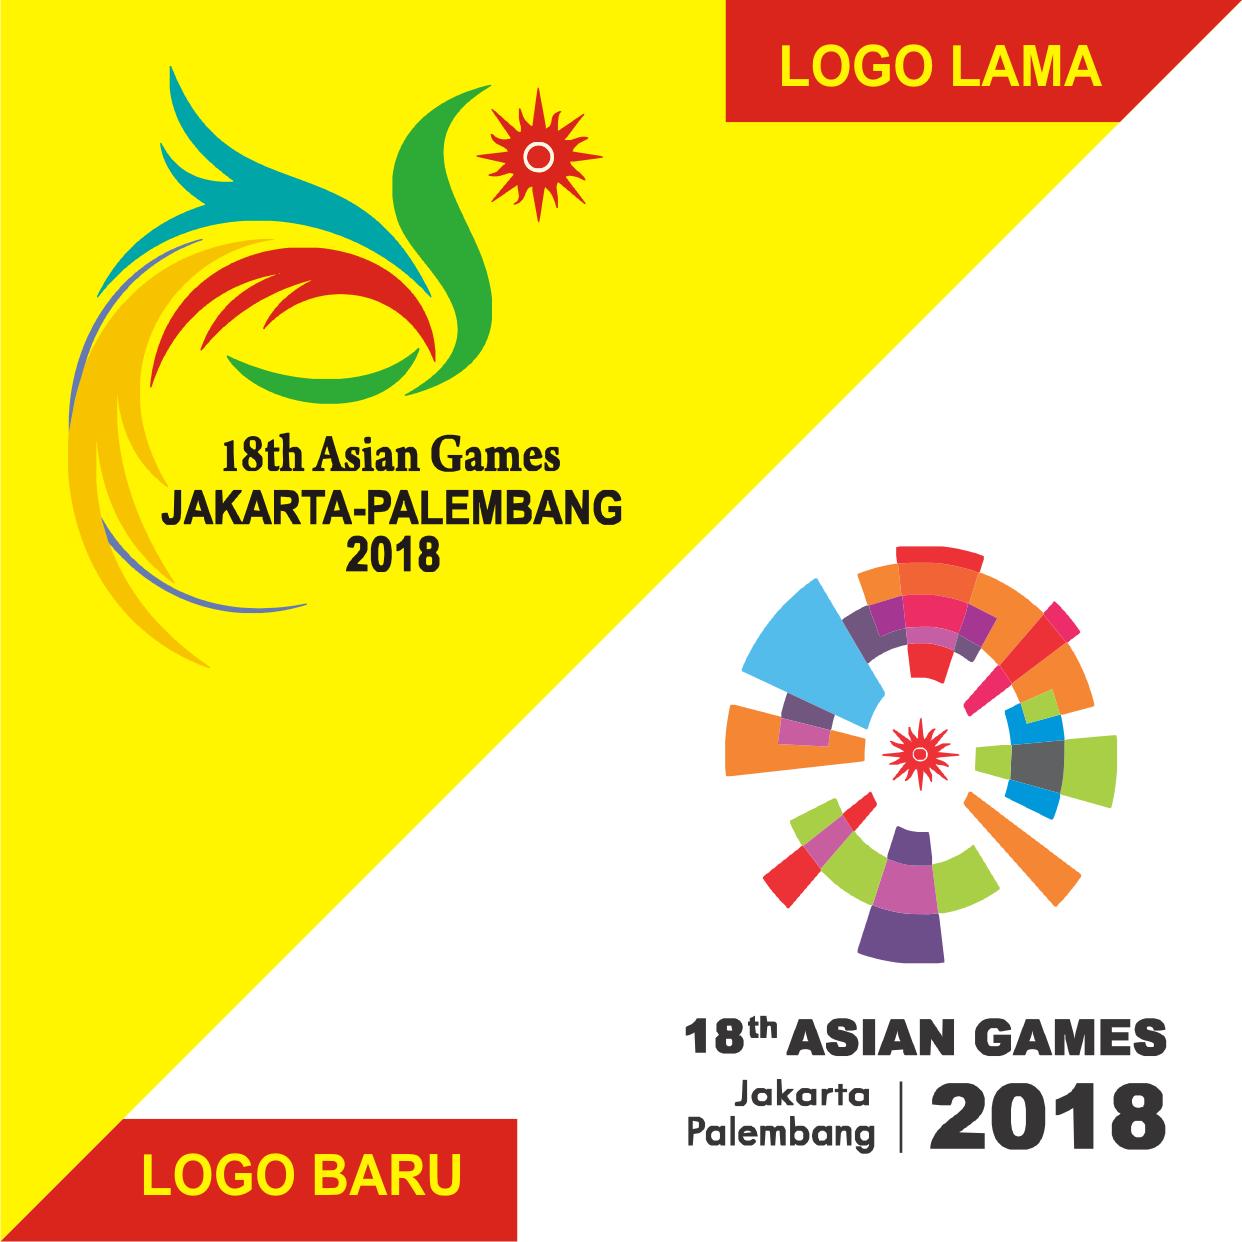 Asian Games 2018 Cdr 2019 NEWINFORMERS